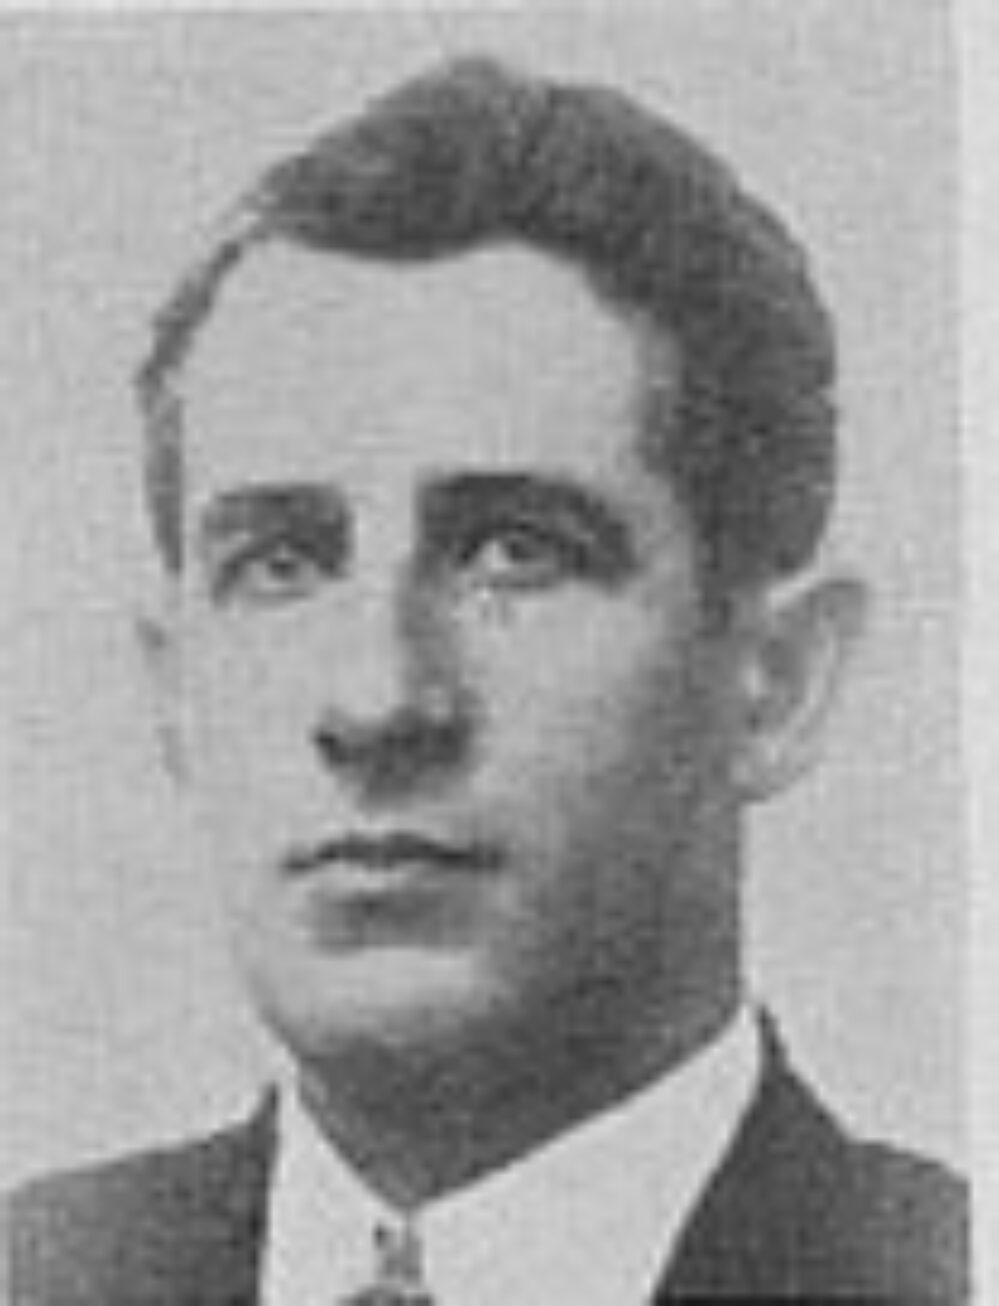 Tycko Einar Jansson